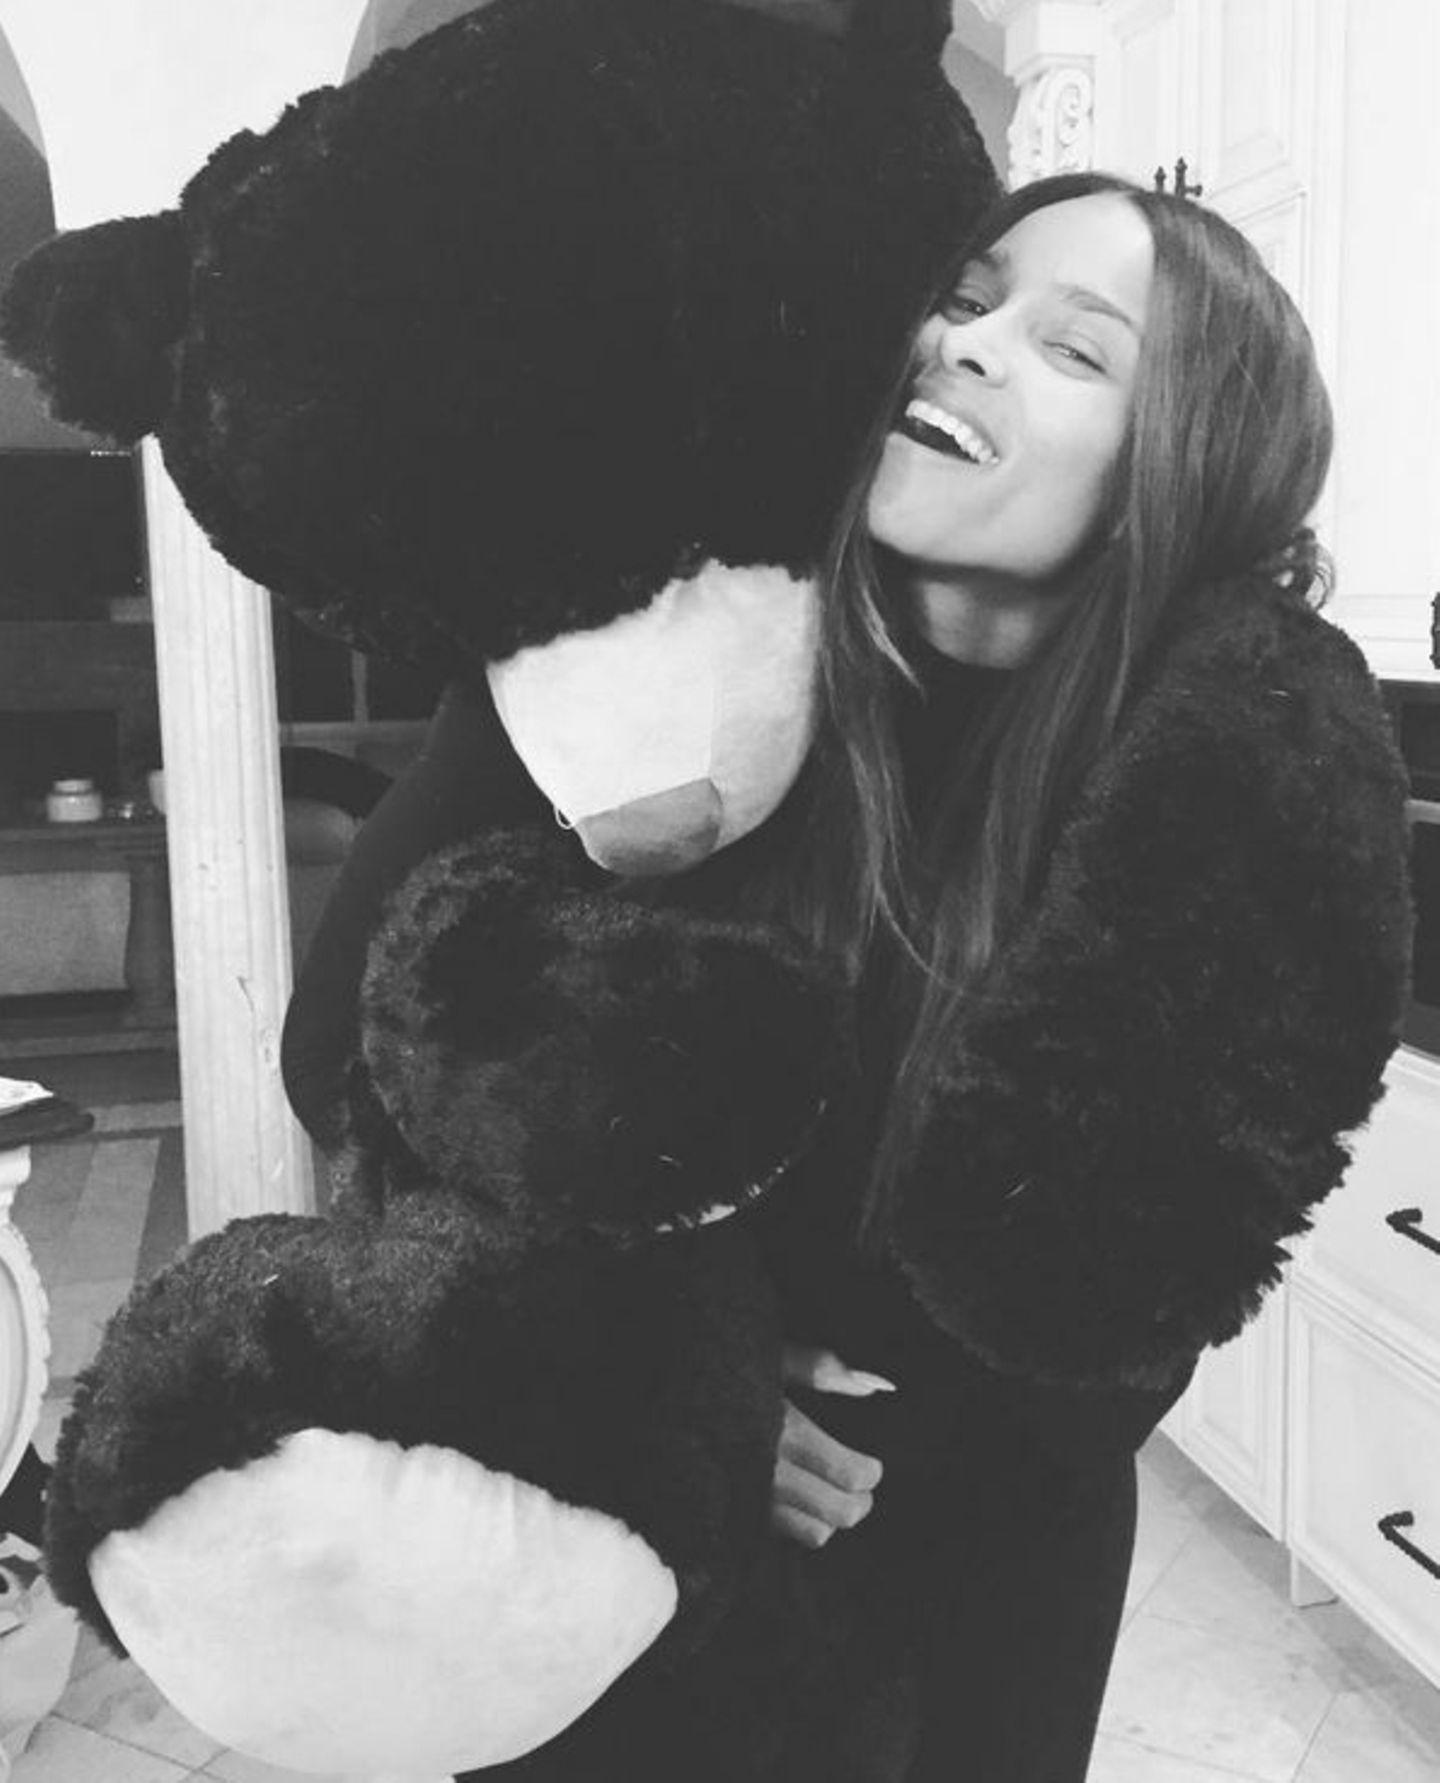 Sängerin Ciara freut sich an Thanksgiving besonders über die Anwesenheit ihres Riesen-Teddys. Zusammen mit diesem sendet sie gut gelaunte Grüße an ihre Instagram-Follower.